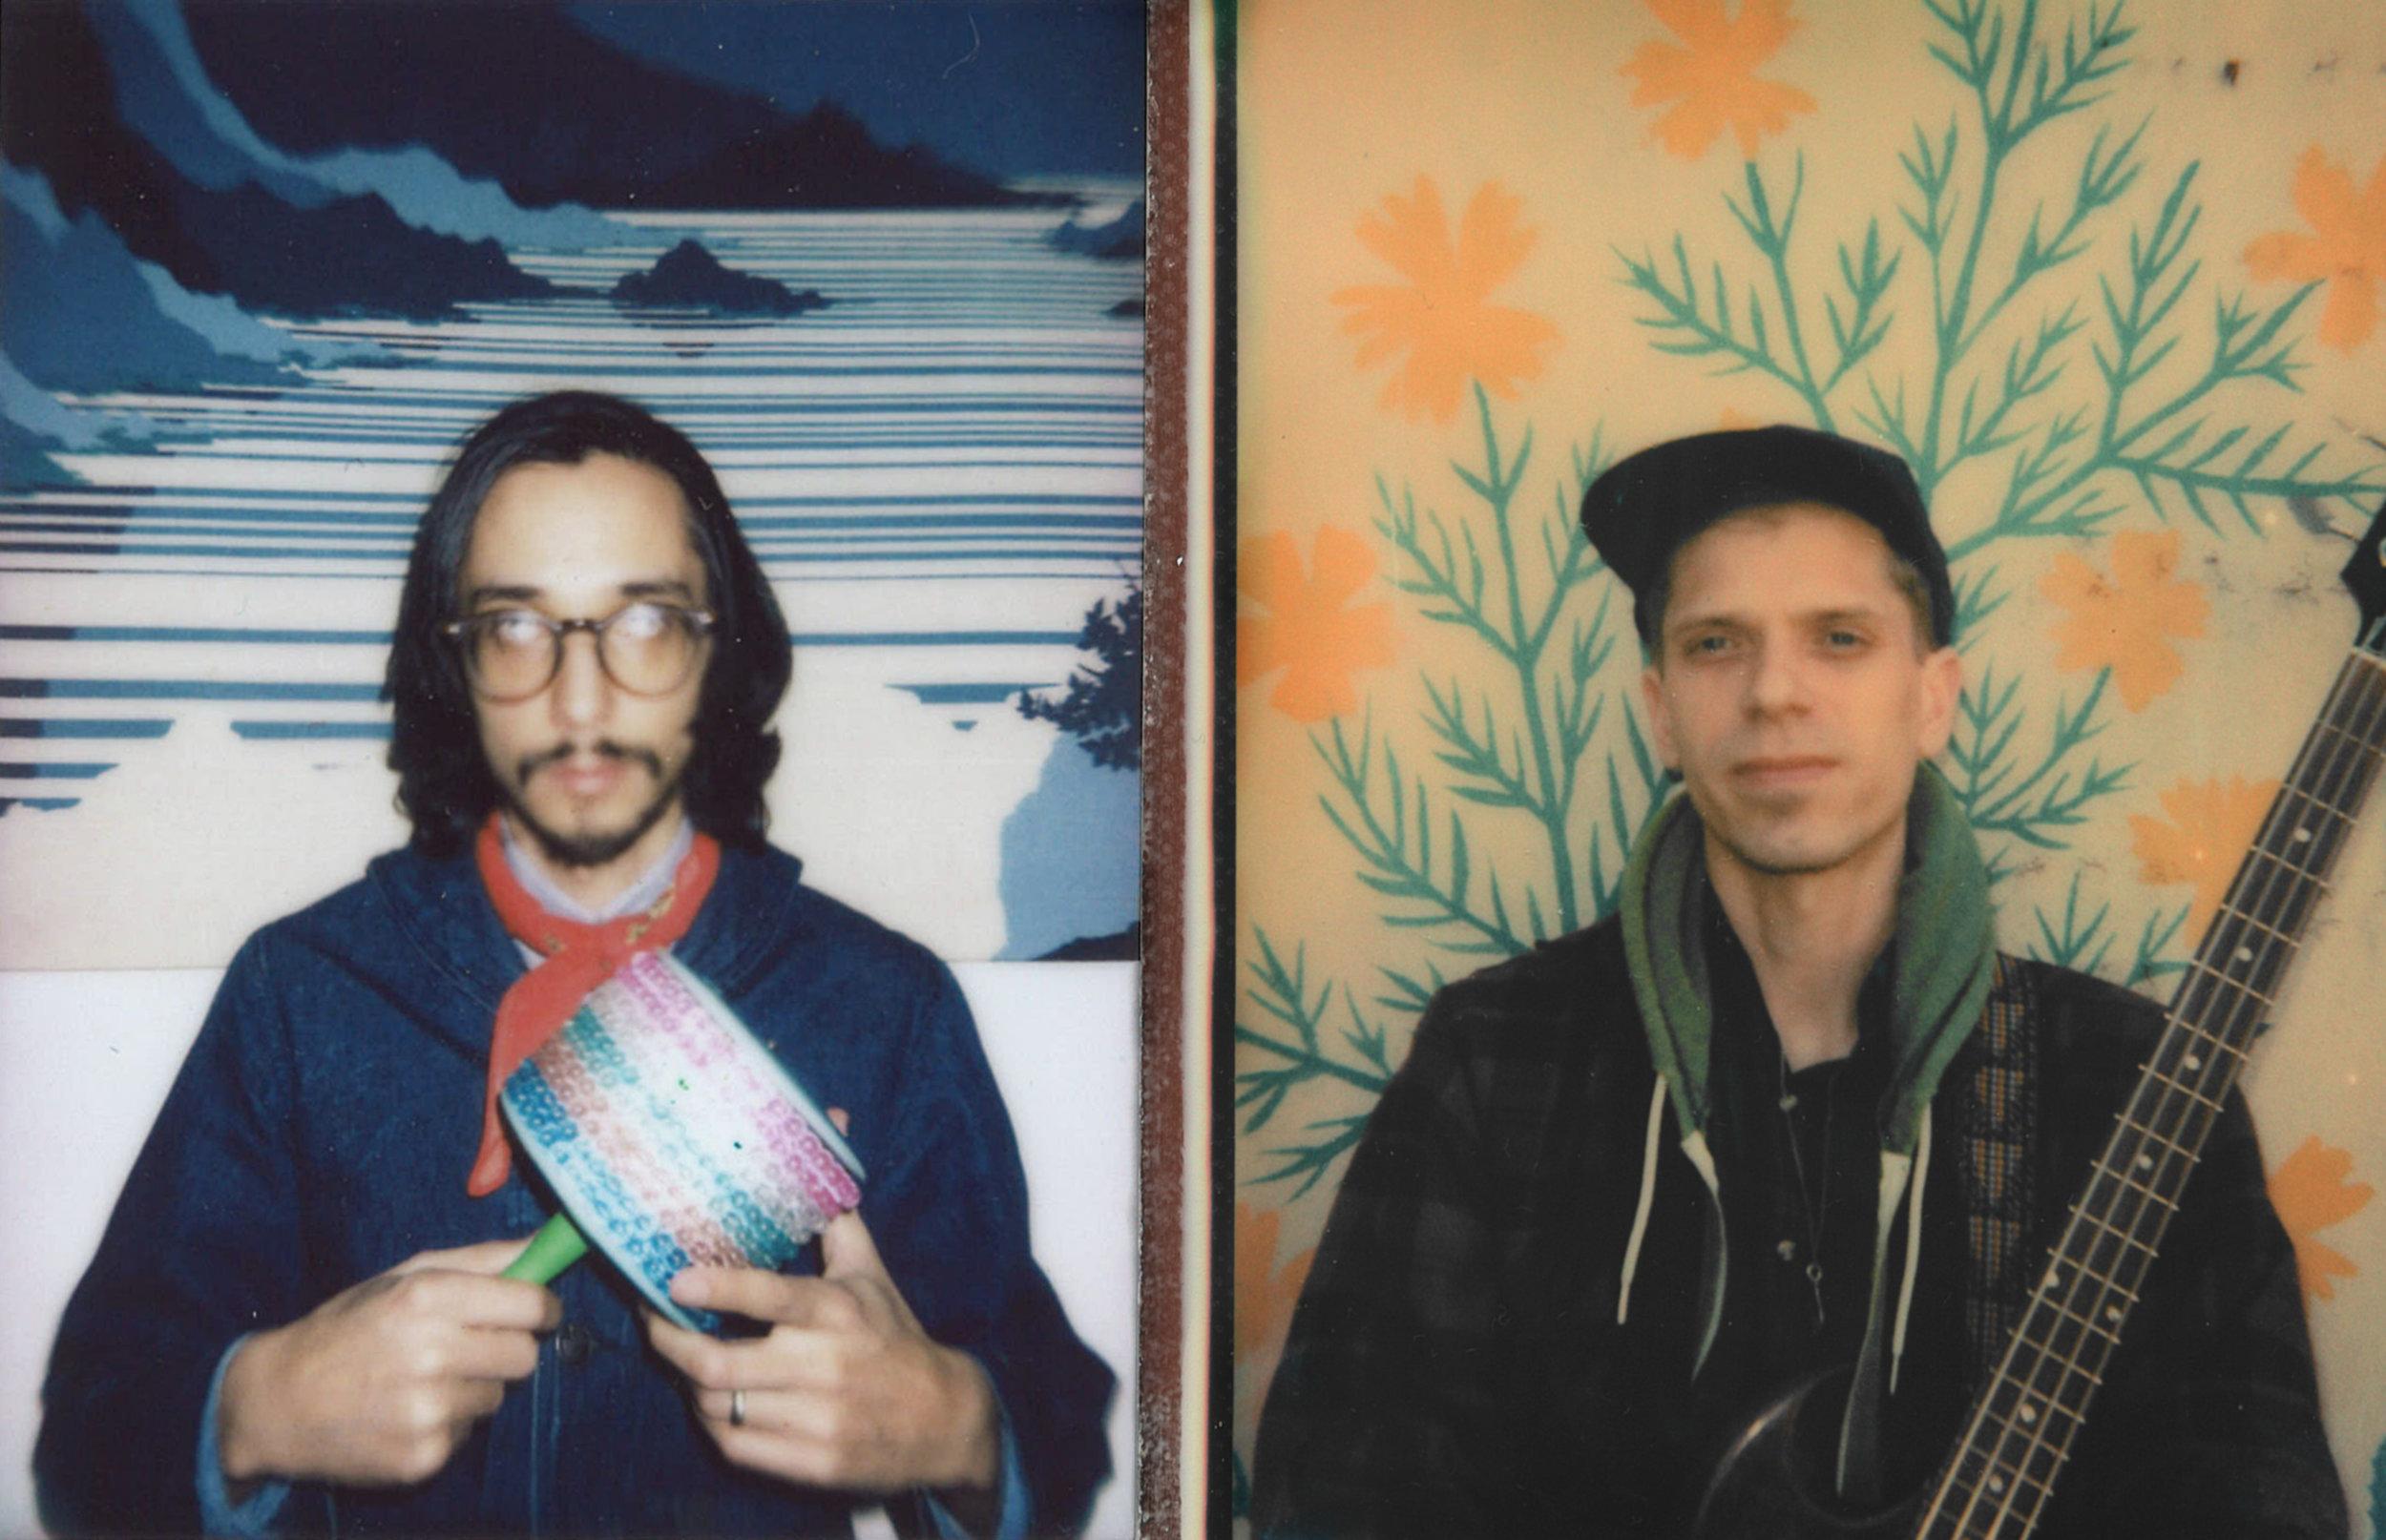 La Palma Polaroid 3600px.jpg